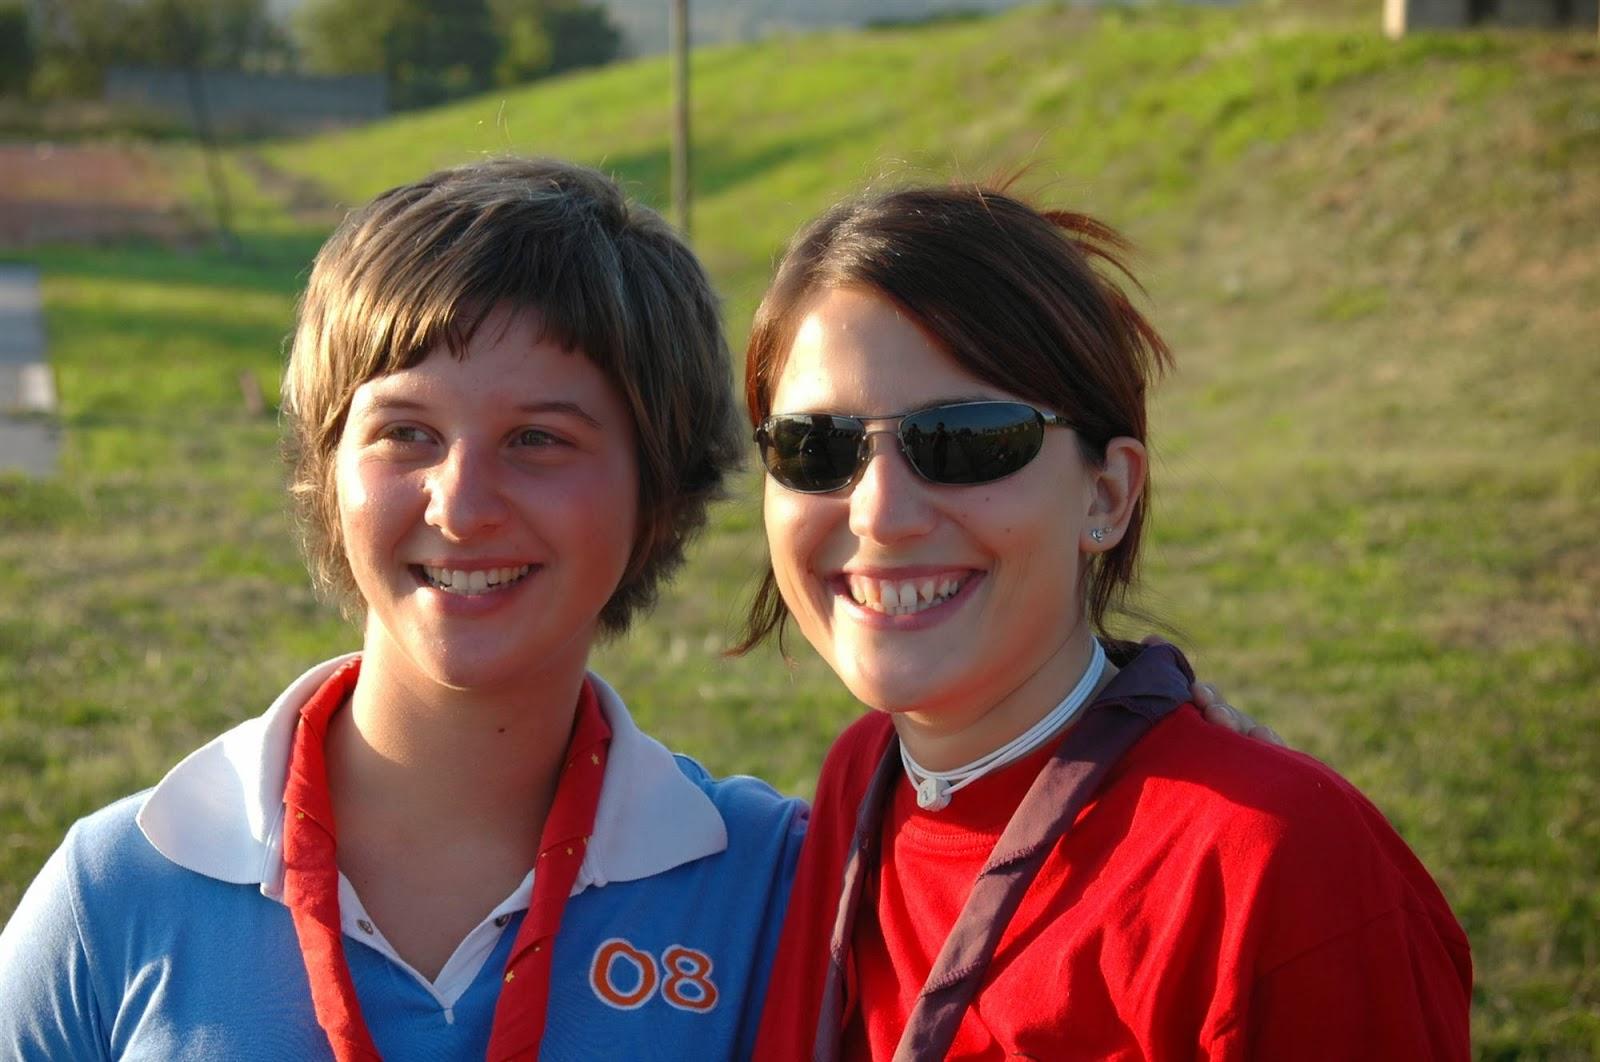 TOTeM, Ilirska Bistrica 2004 - totem_04_039.jpg